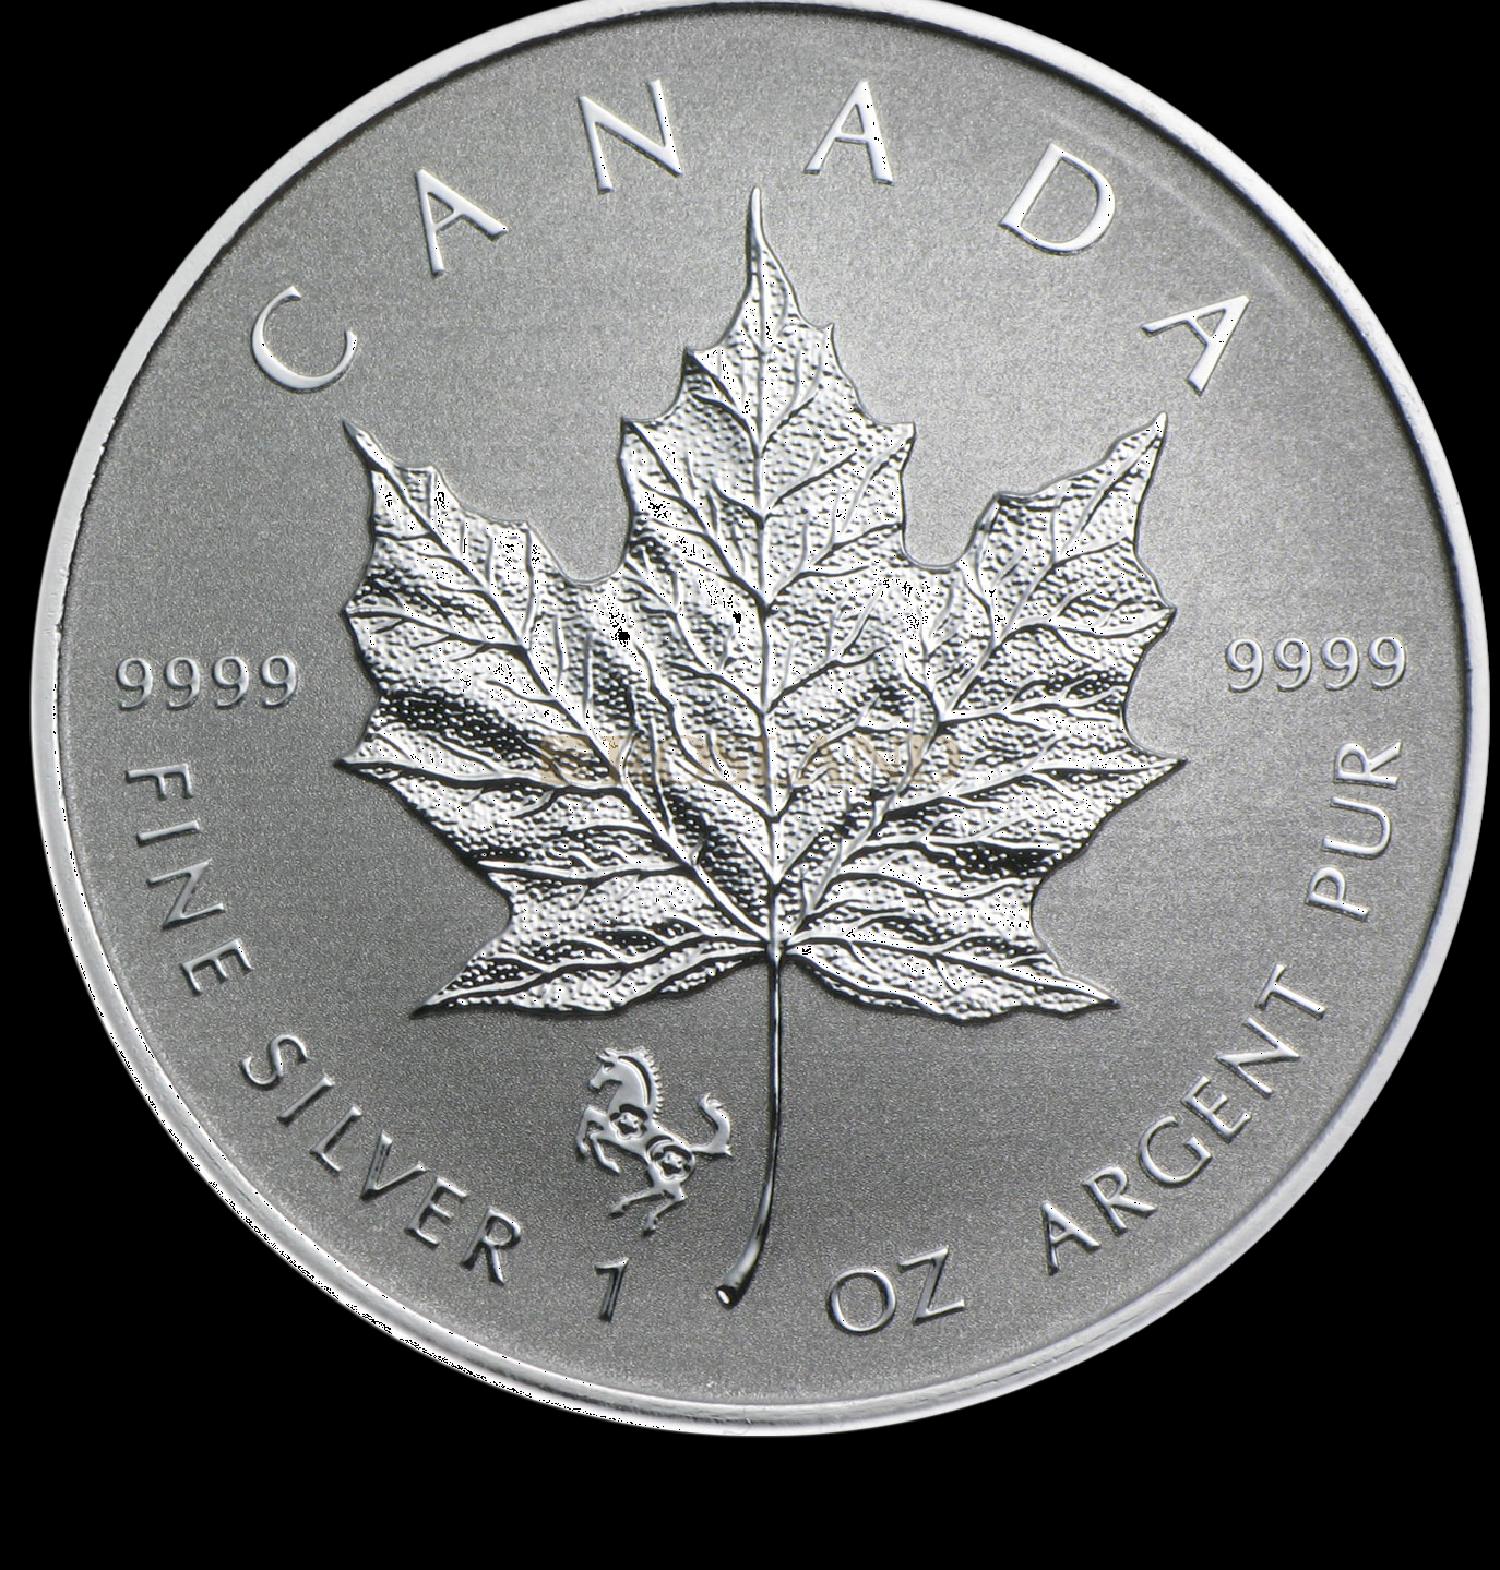 1 Unze Silbermünze Kanada Maple Leaf Lunar Pferd 2014